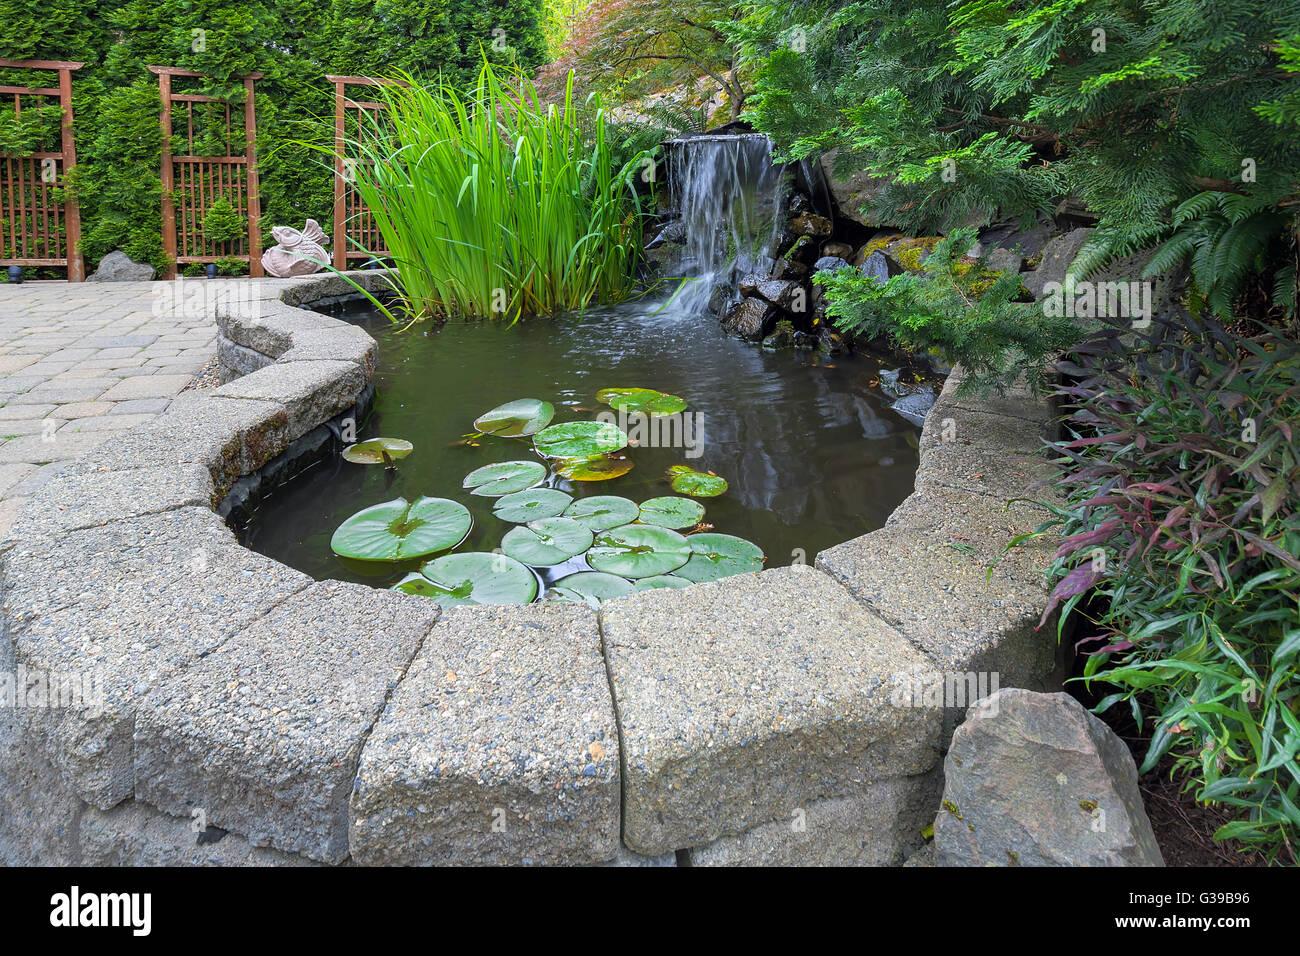 Laghetto Con Cascata Da Giardino : Giardino cortile laghetto con cascata di piante in acqua mattone